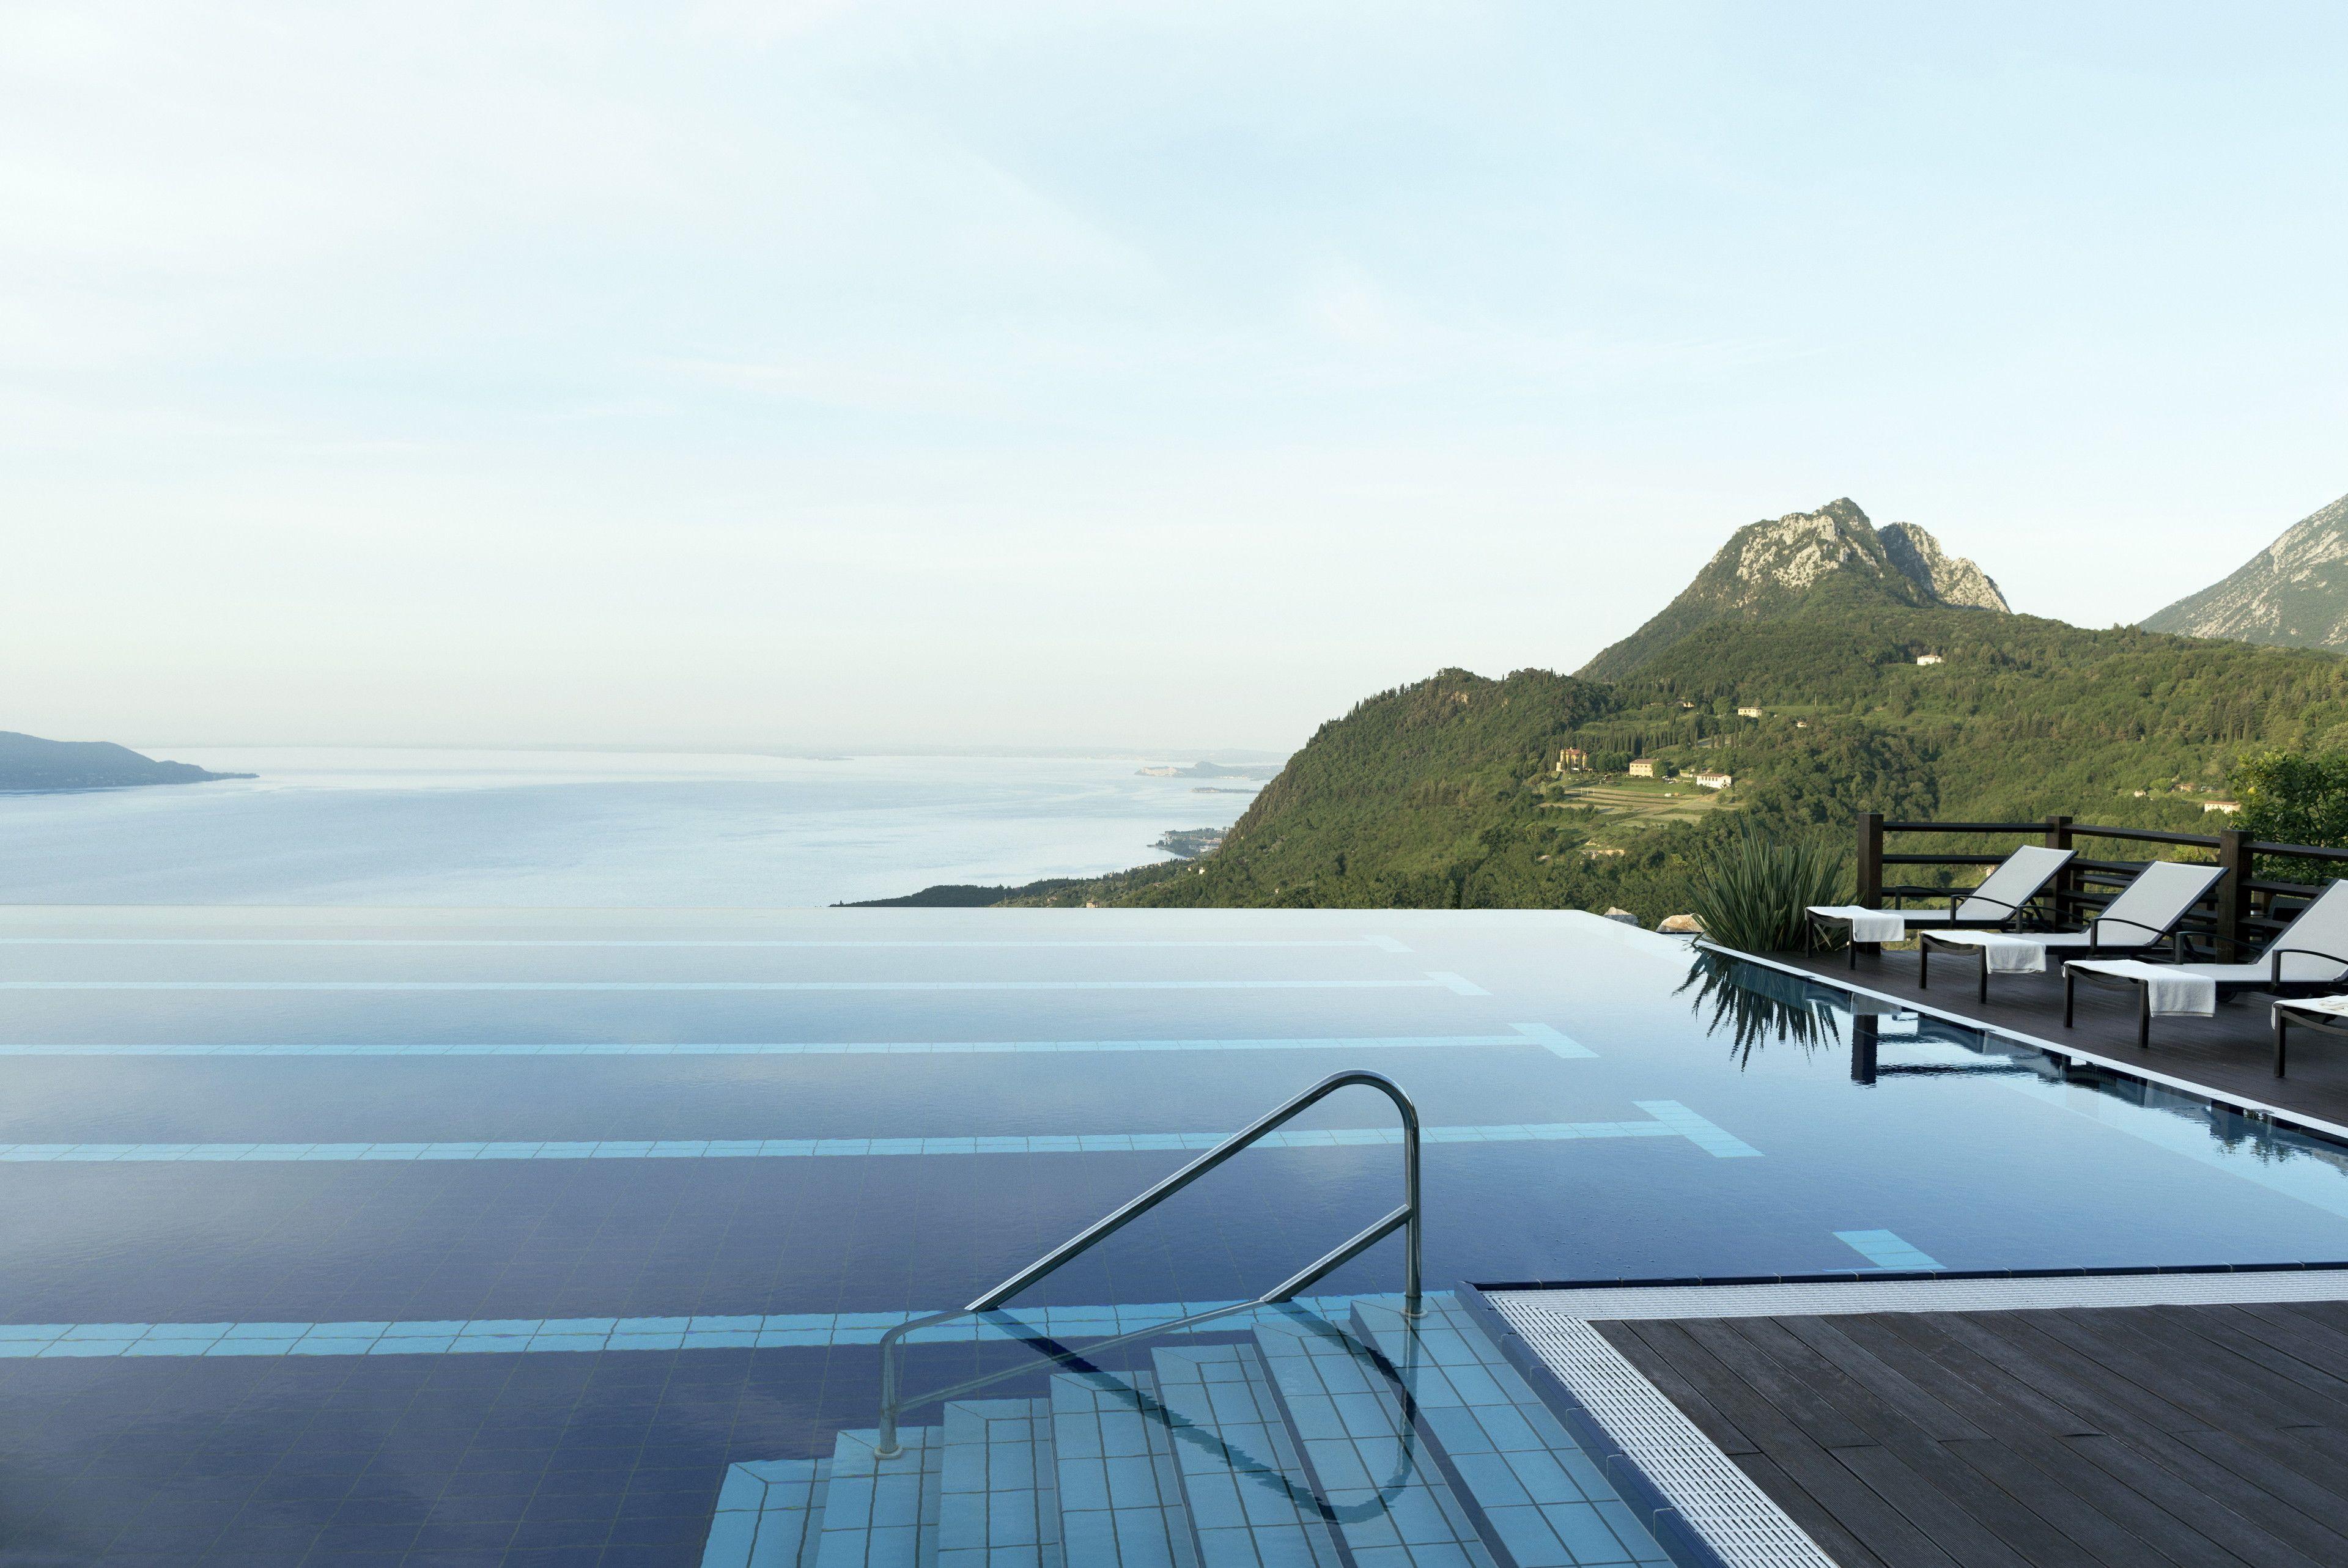 Courtesy of Lefay Resort & Spa / Expedia